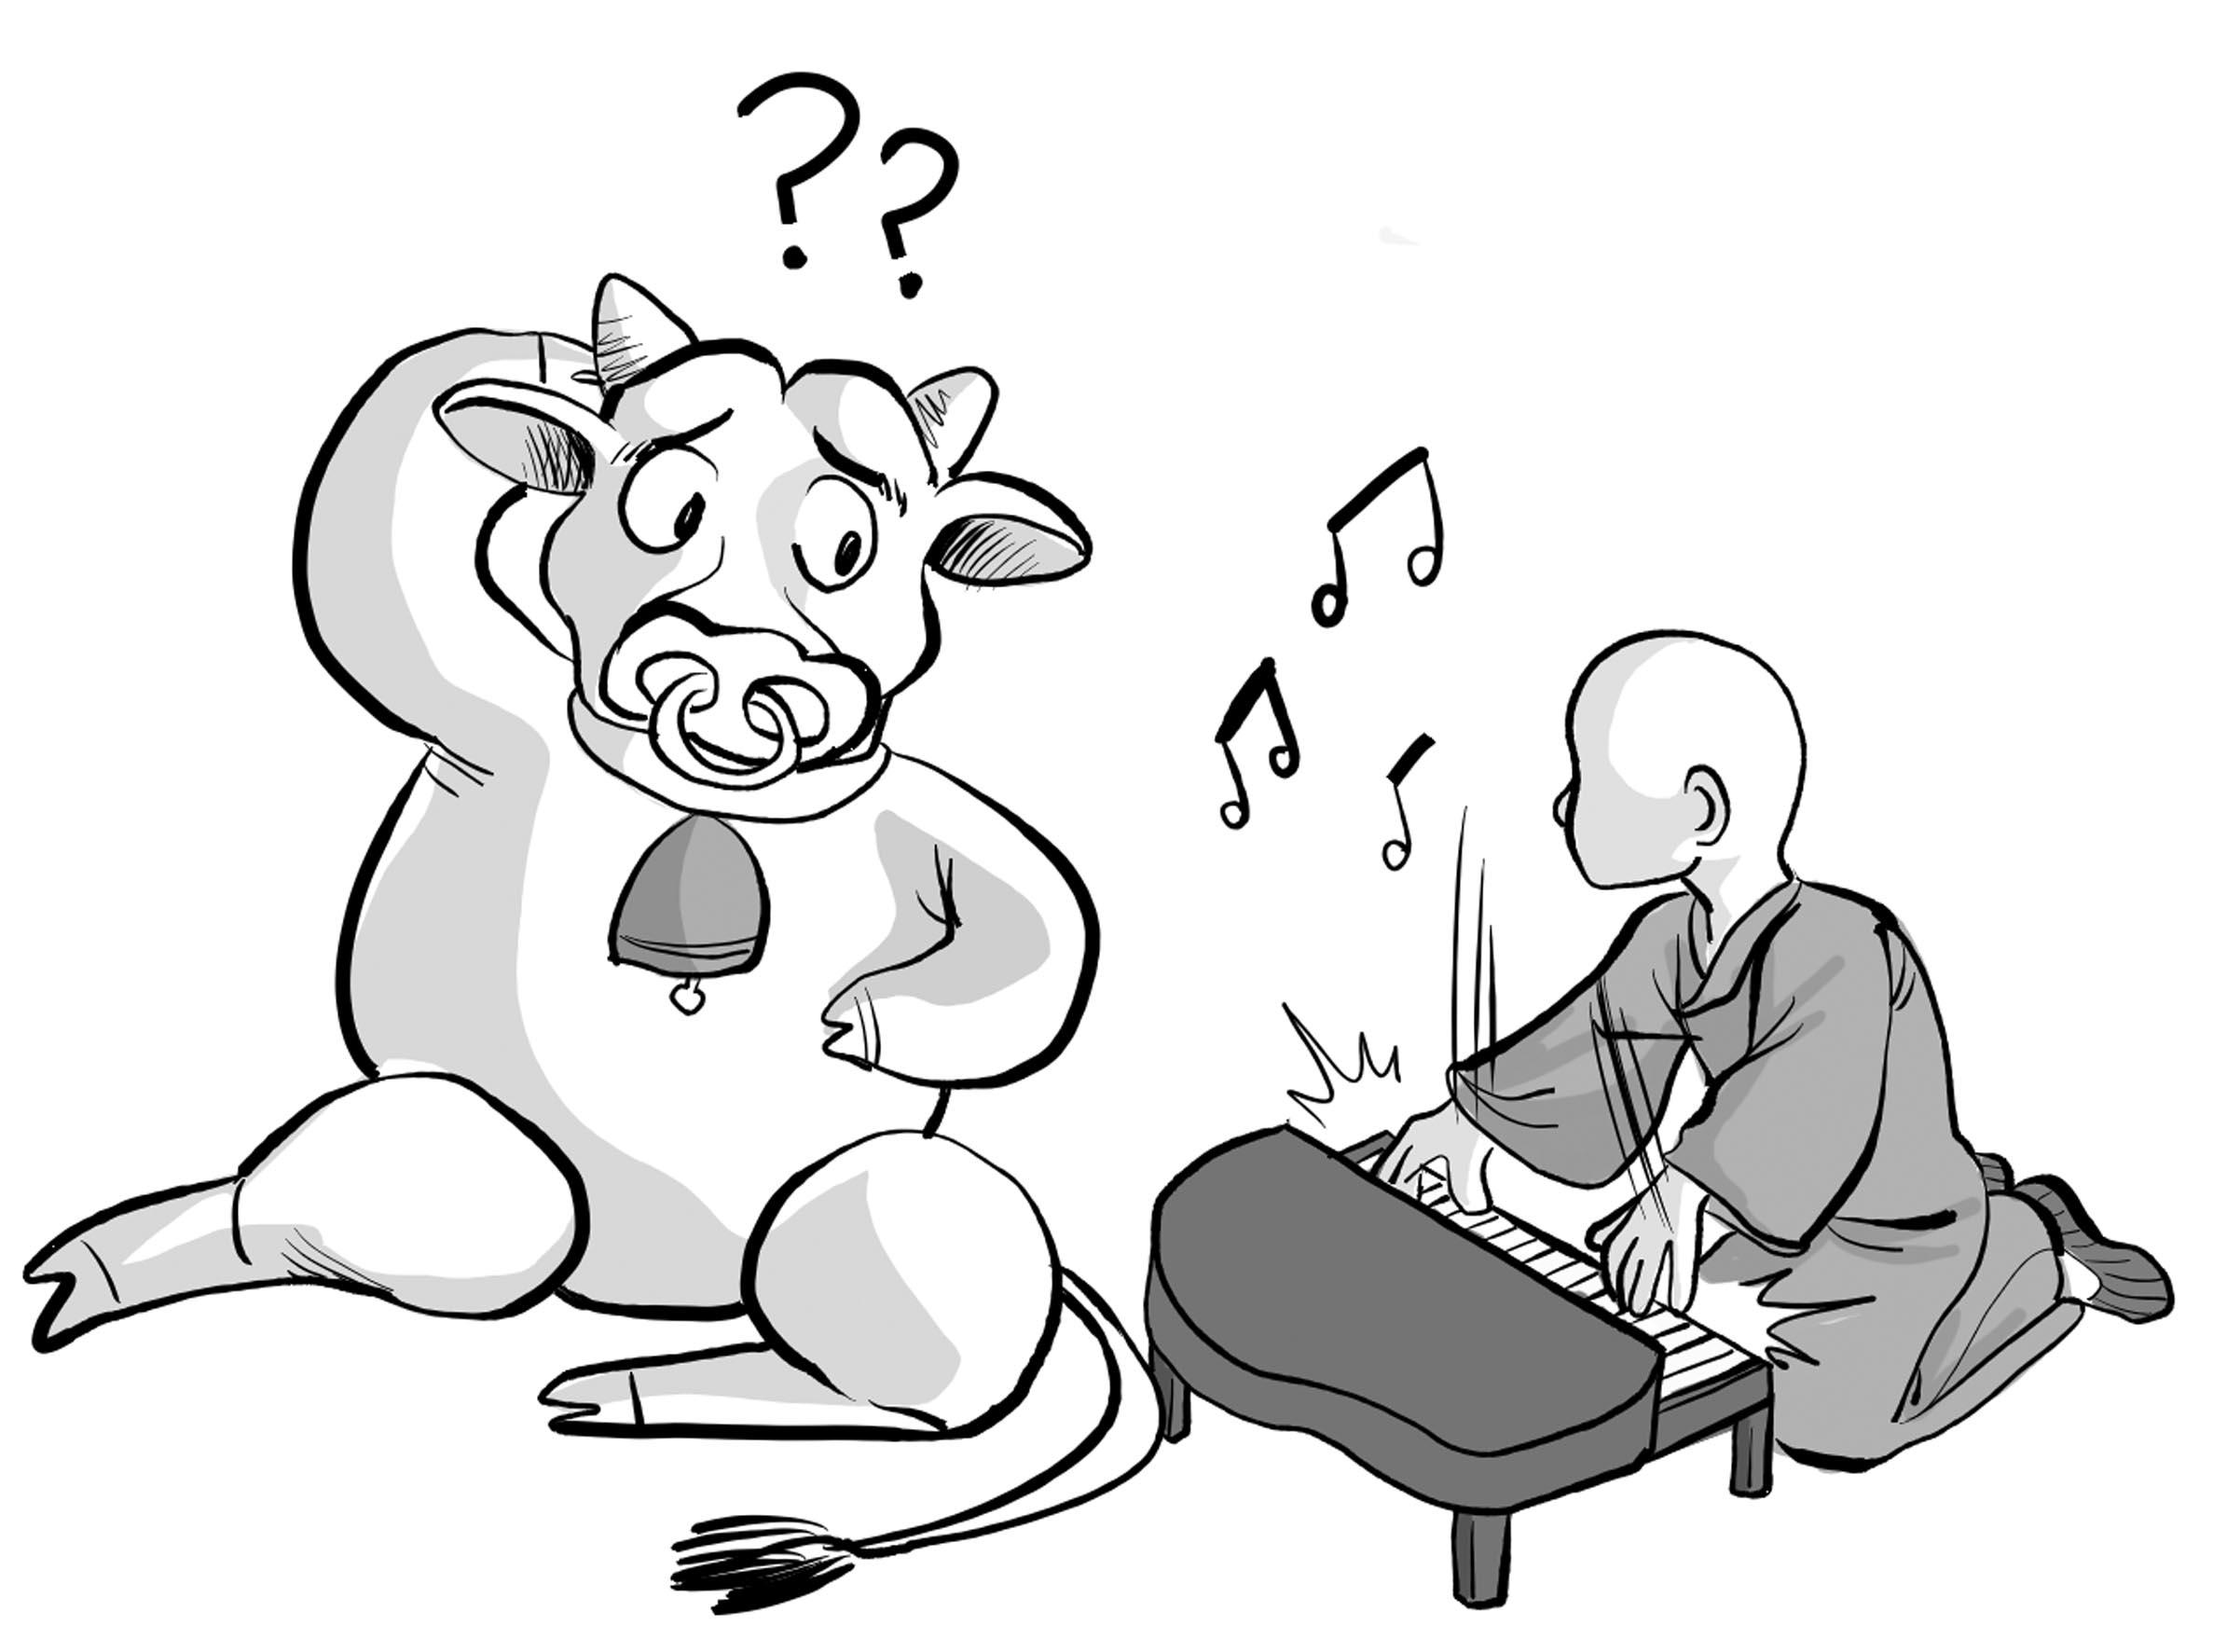 于是,公明仪又重弹了一曲通俗的乐曲,那牛听到好像蚊子牛绳,小牛叫声